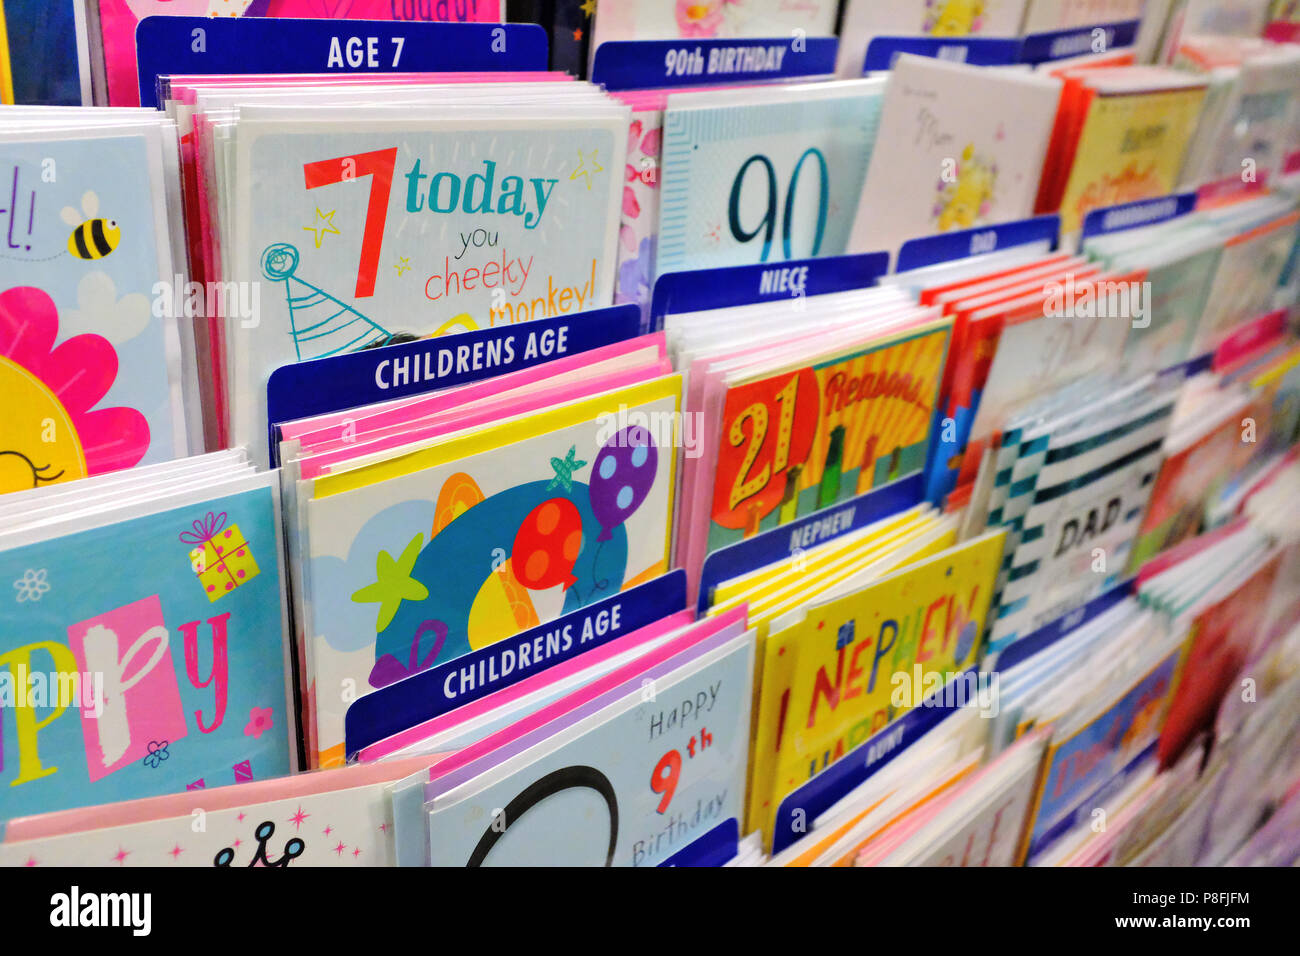 Market Spar Stock Photos & Market Spar Stock Images - Alamy